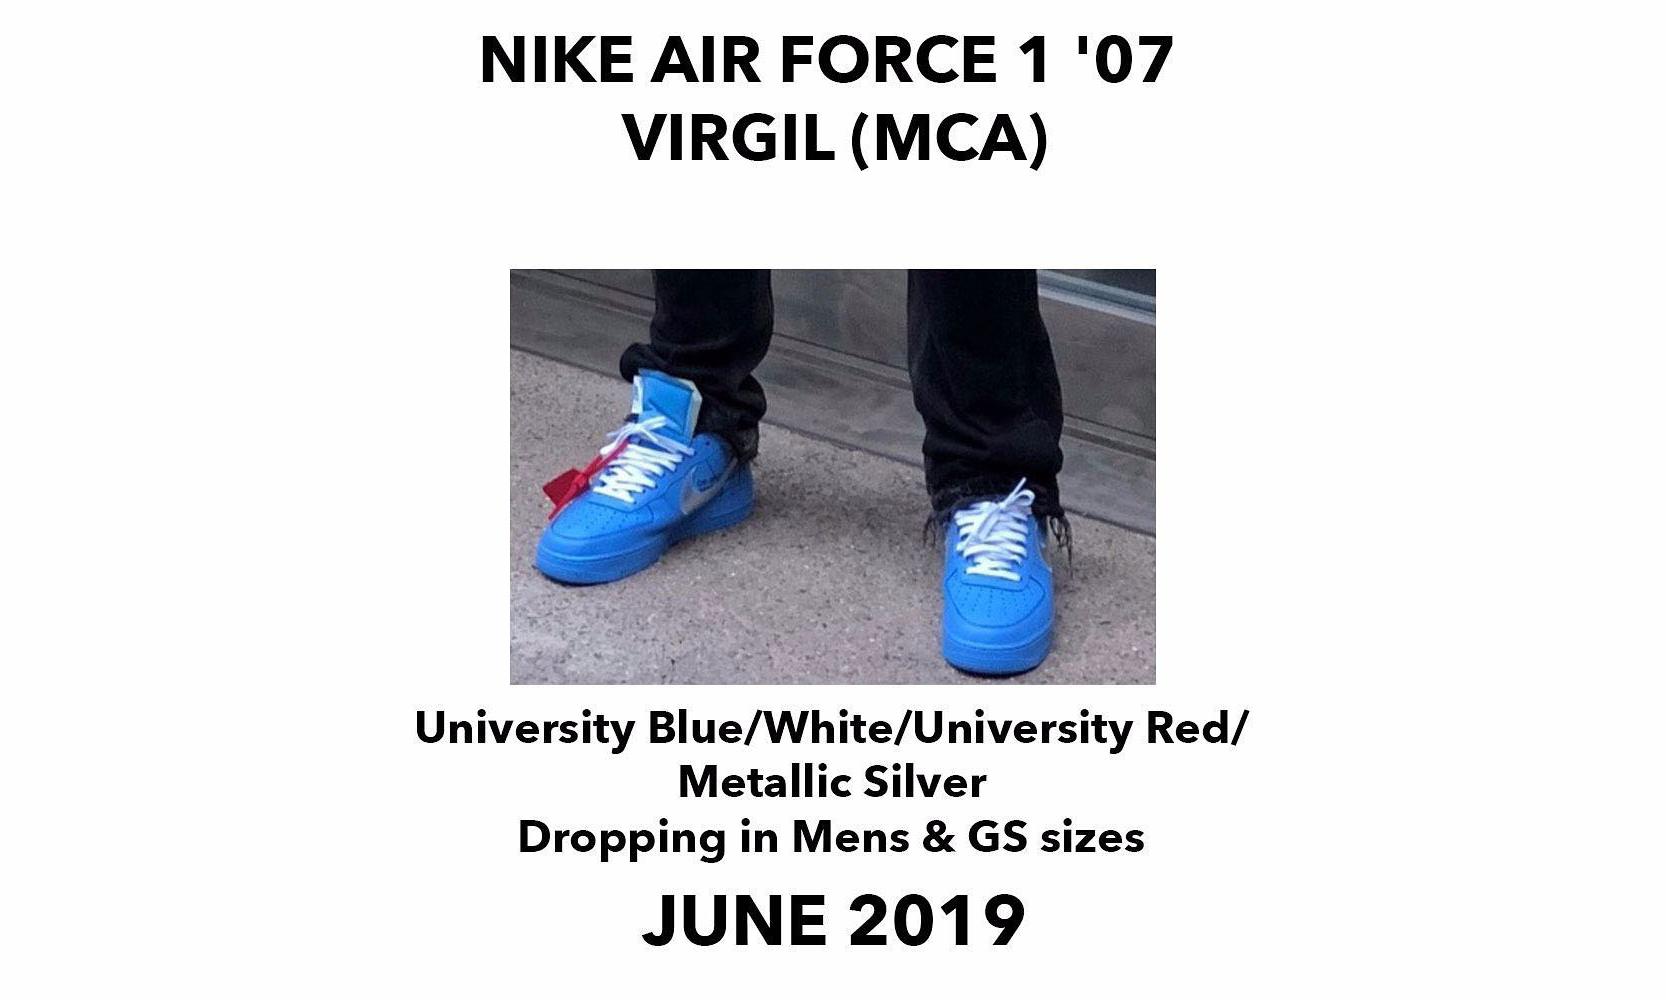 原来这双蓝色 AF-1 是 2019 年 Virgil Abloh 的展会限定款